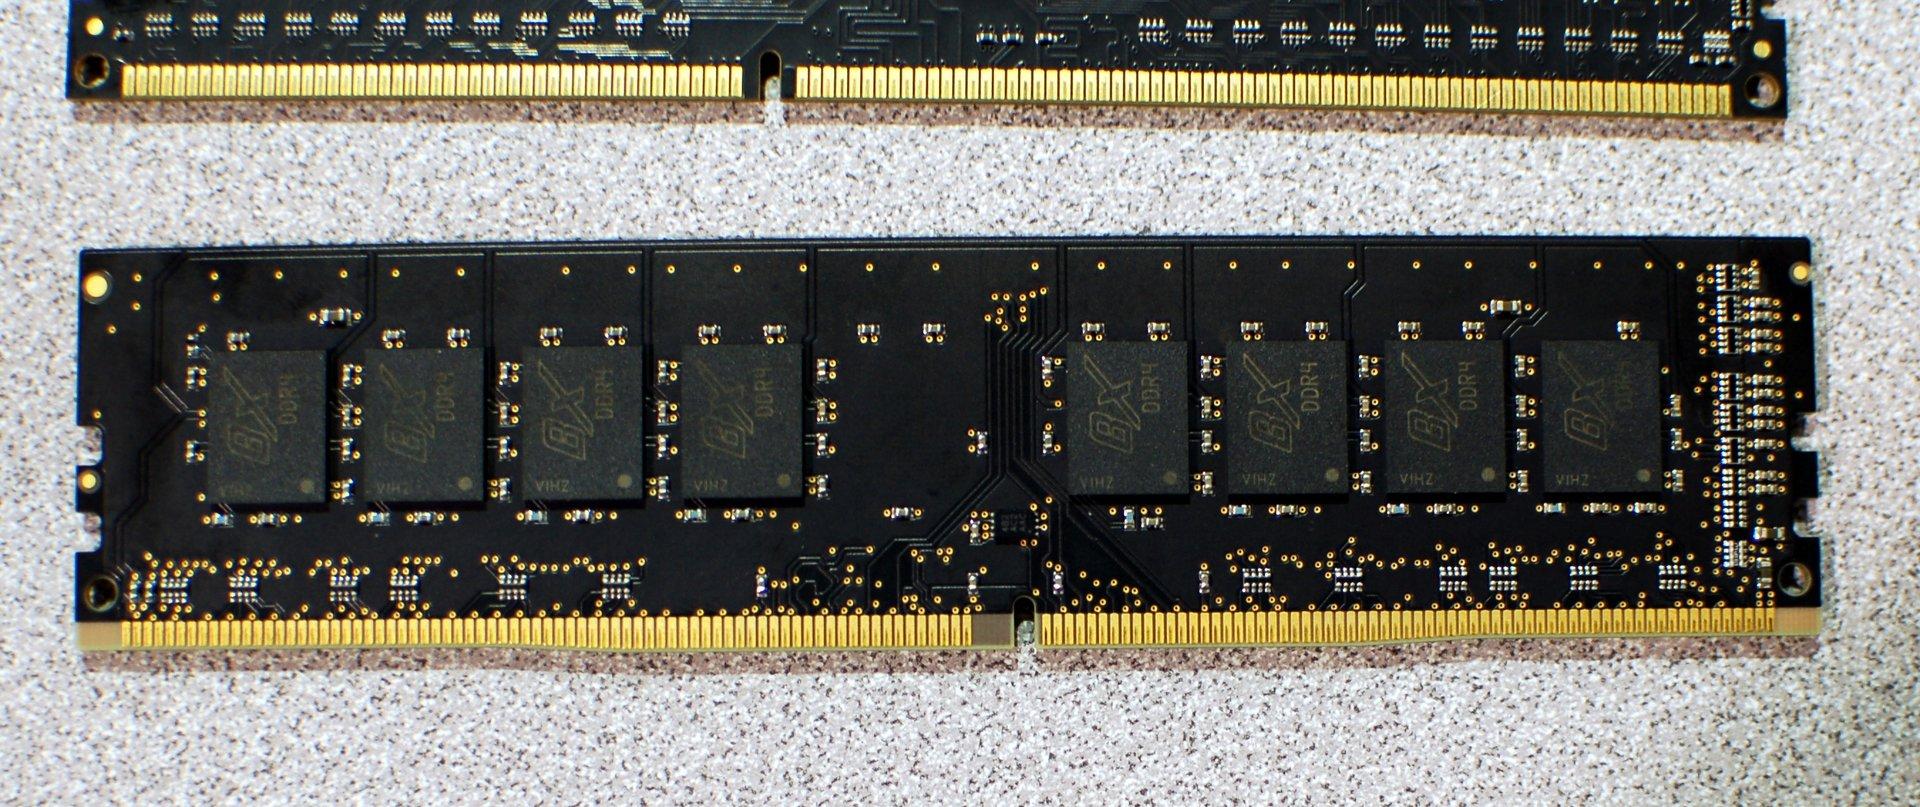 DDR4 (unten) und DDR3 (oben)